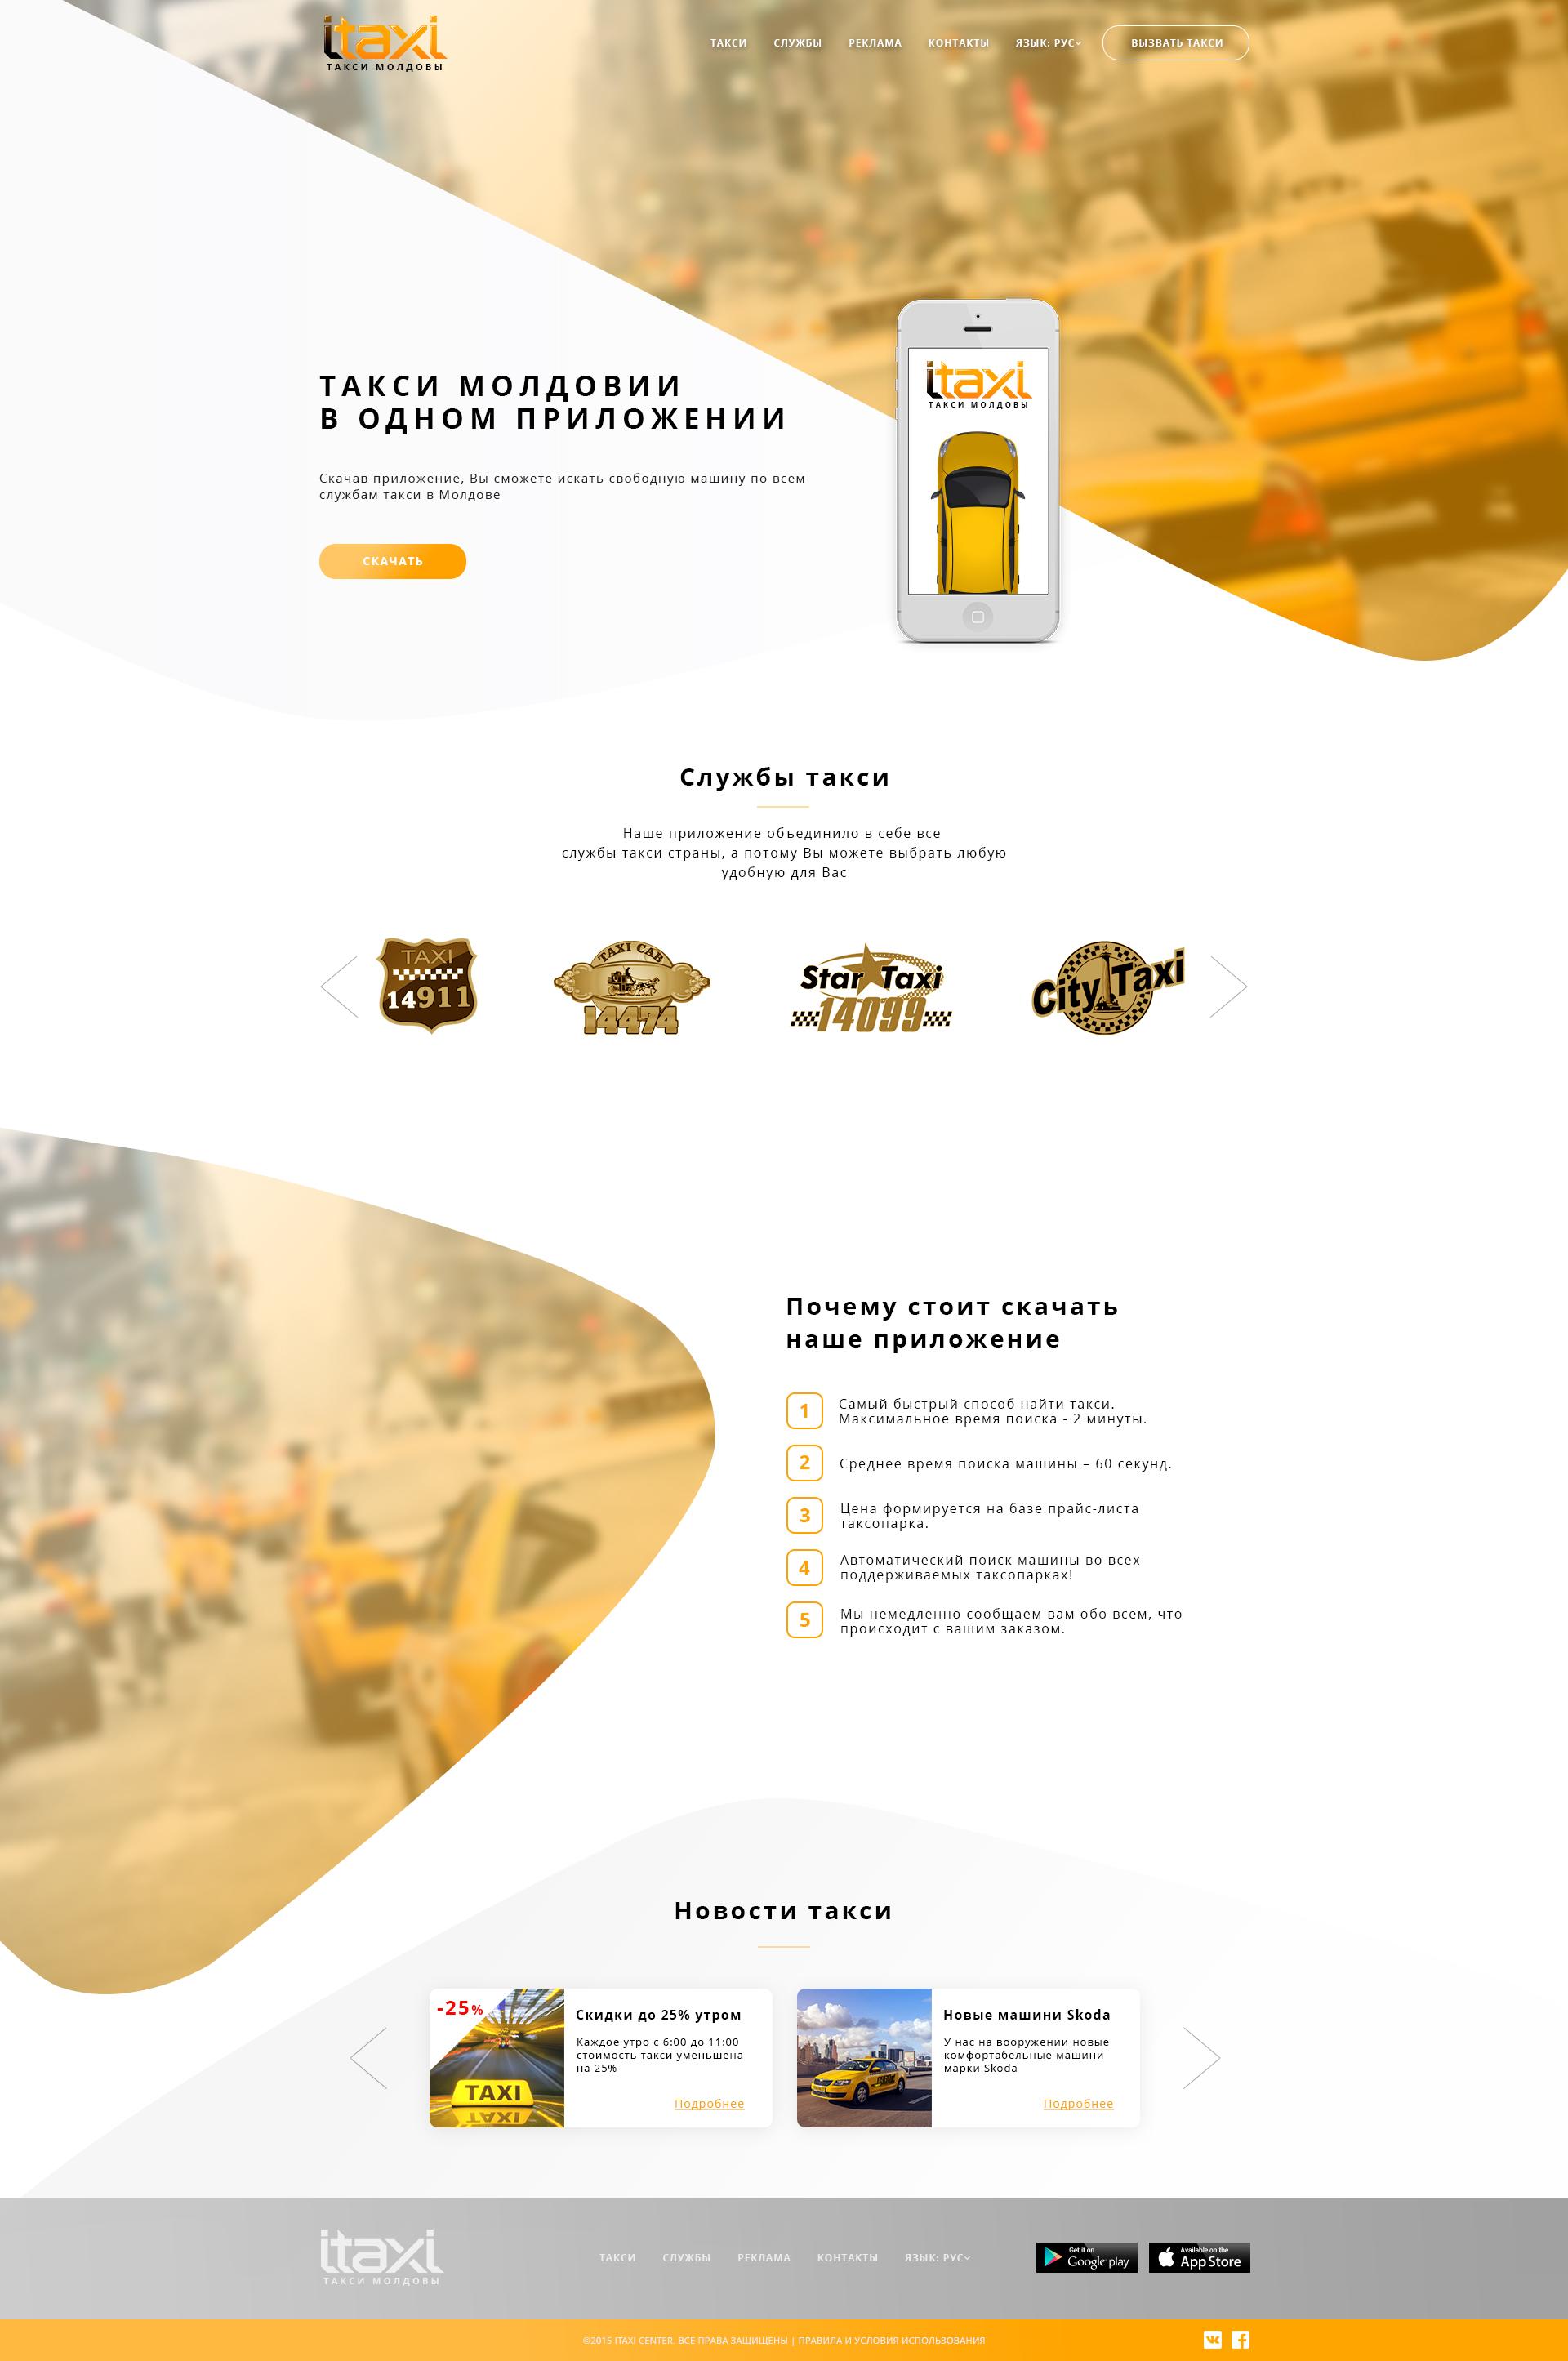 Редизайн сайта www.itaxi.md фото f_6725a120336053a0.jpg